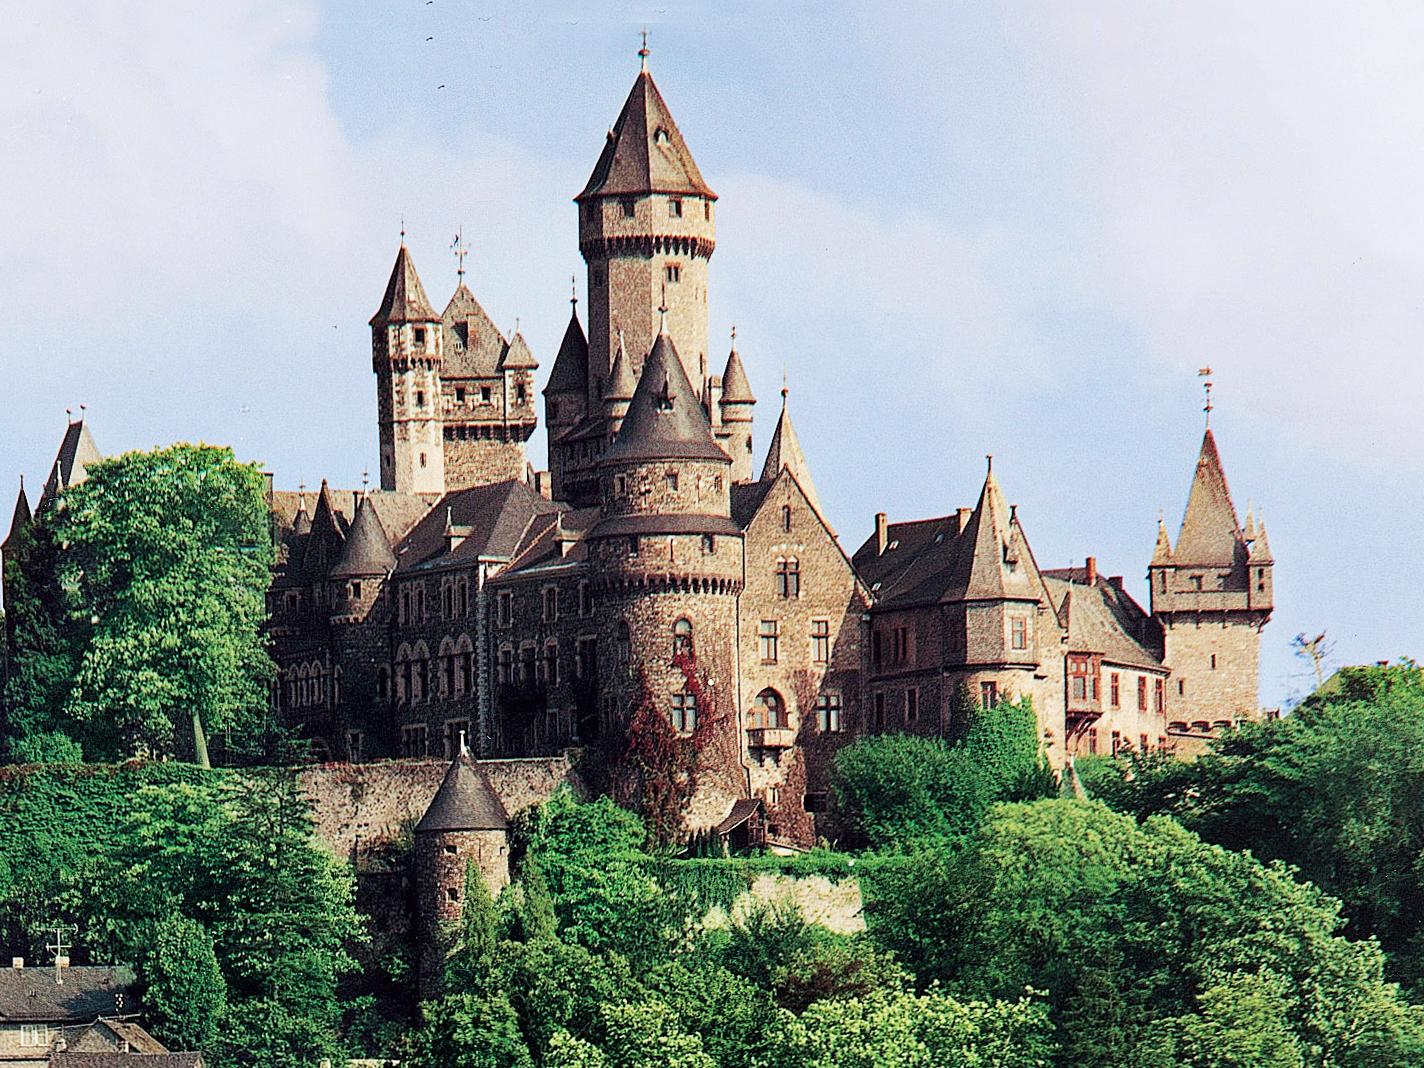 Besuch auf Schloss Braunfels im Taunus